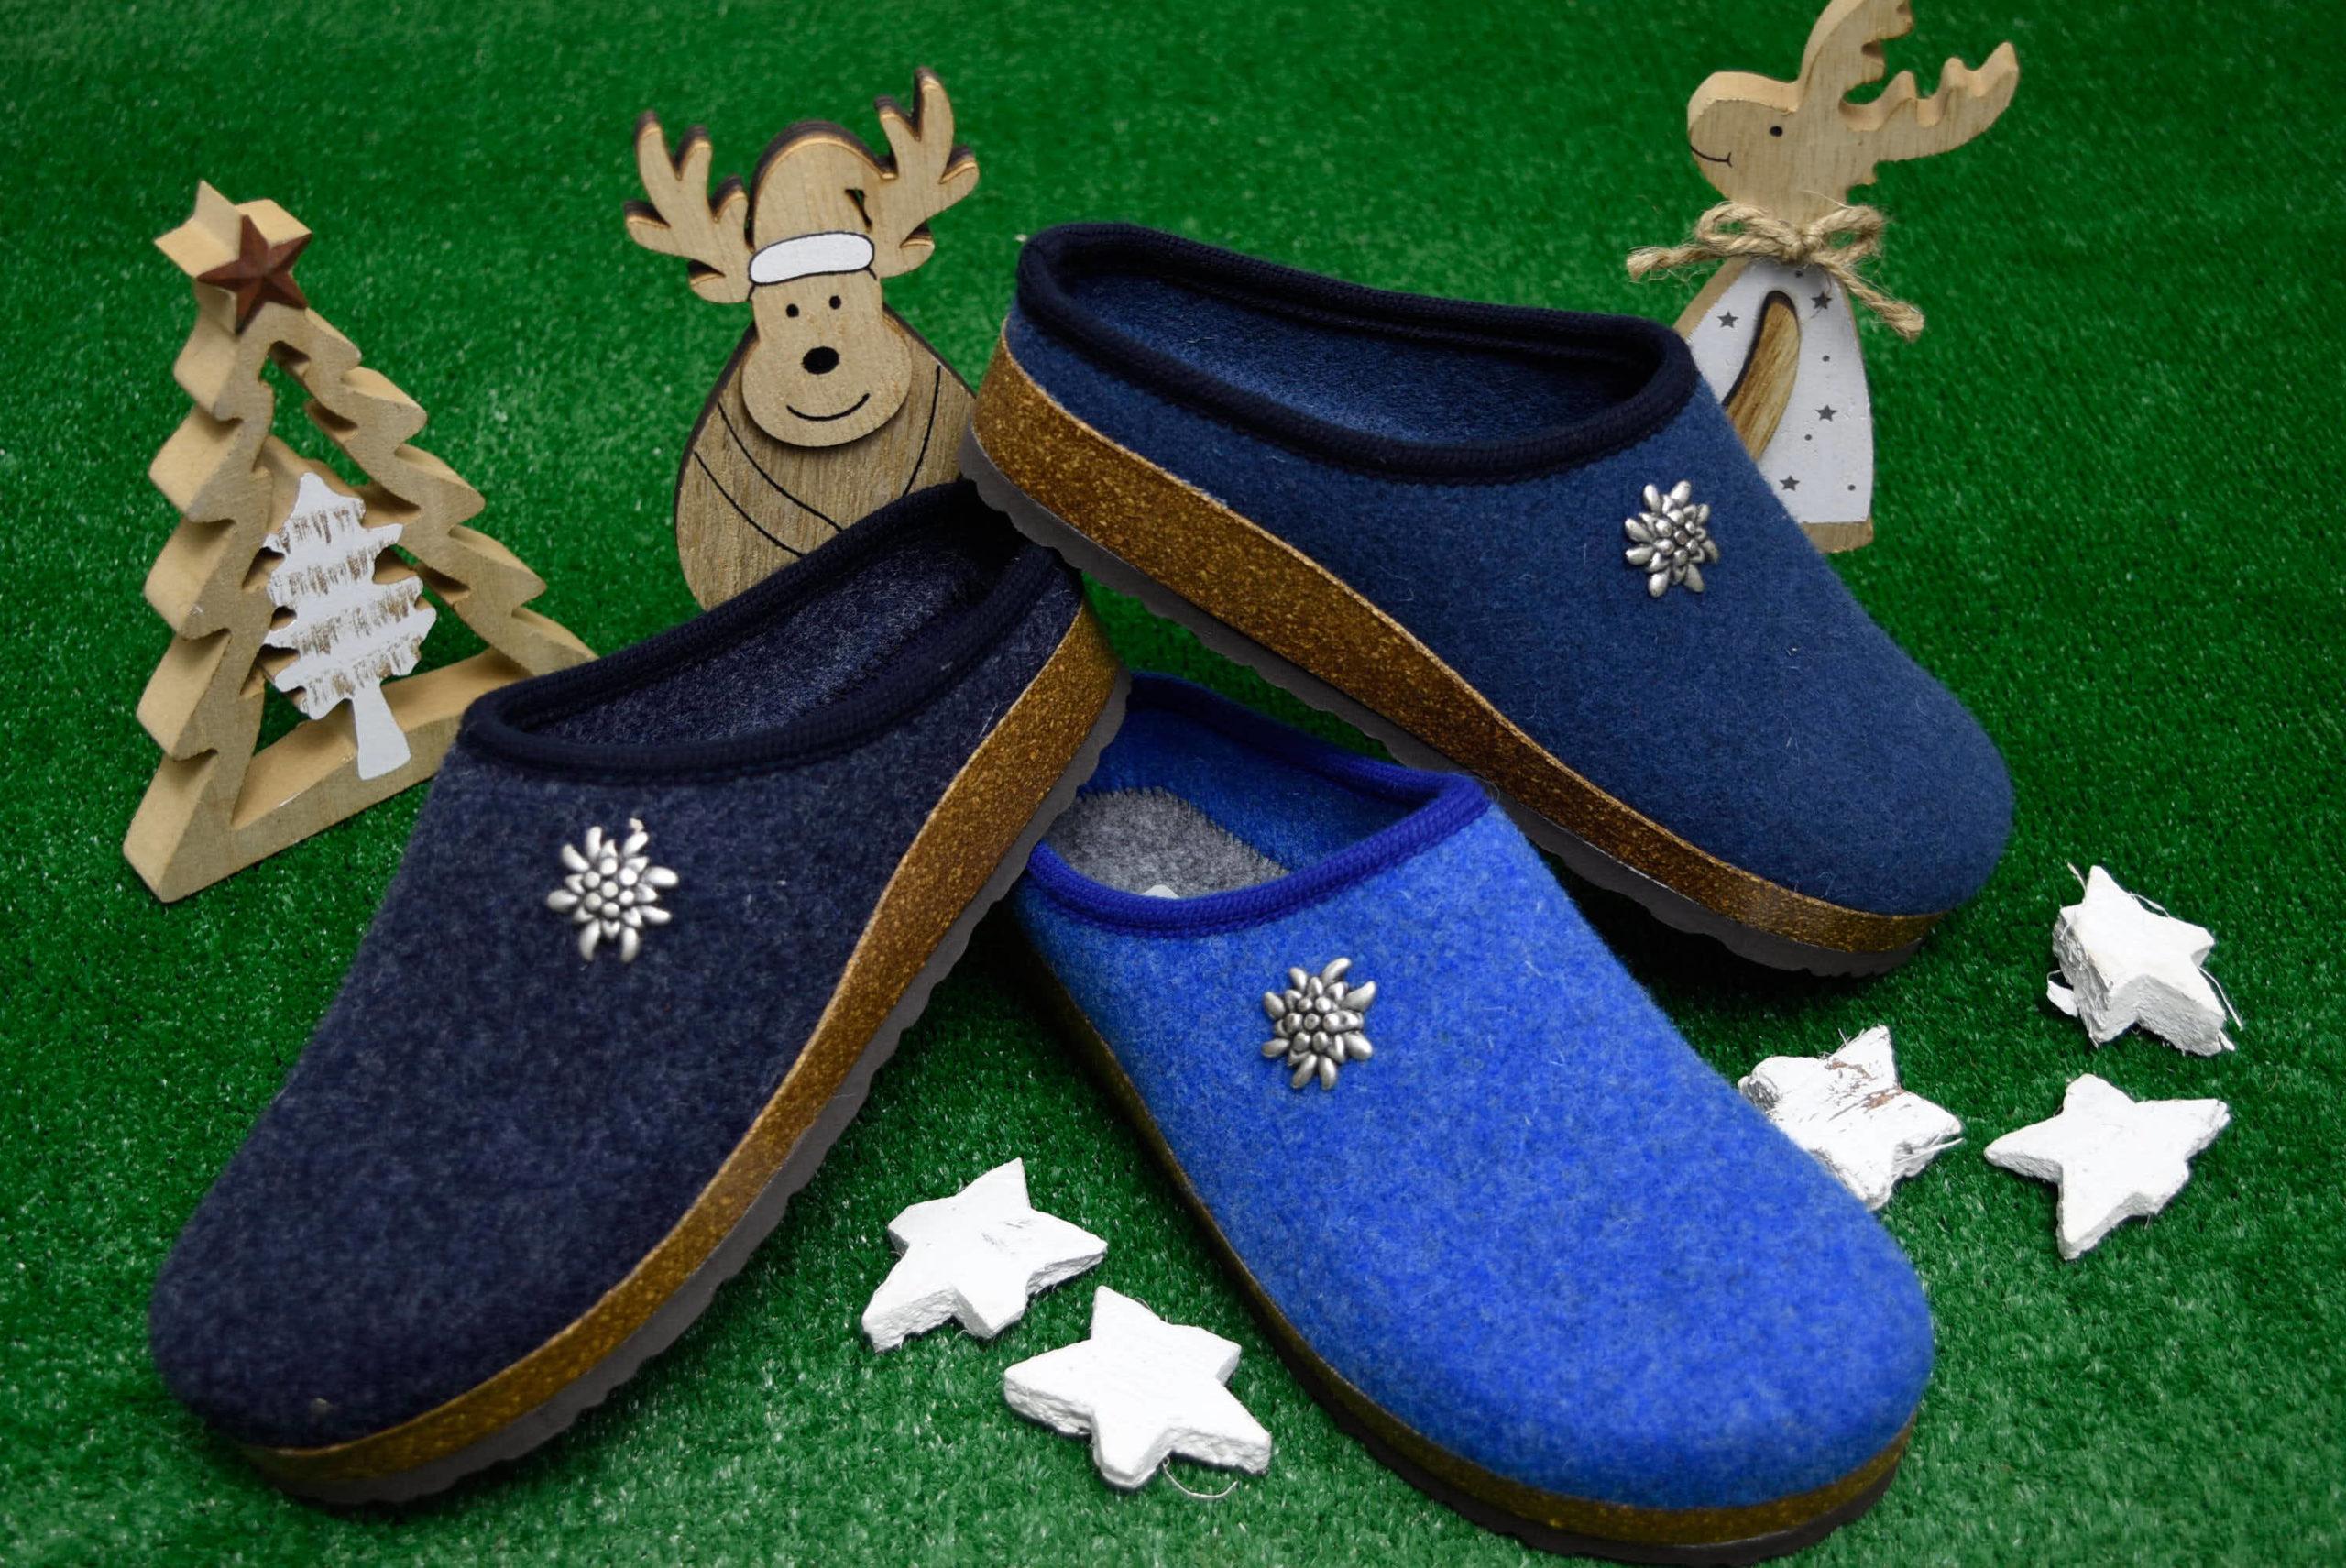 bio alpes 977 jeans avion celeste ciabatte natalizie unisex pantofole tirolesi calzature tradizionali altoatesine feltro lana cotta idea regalo